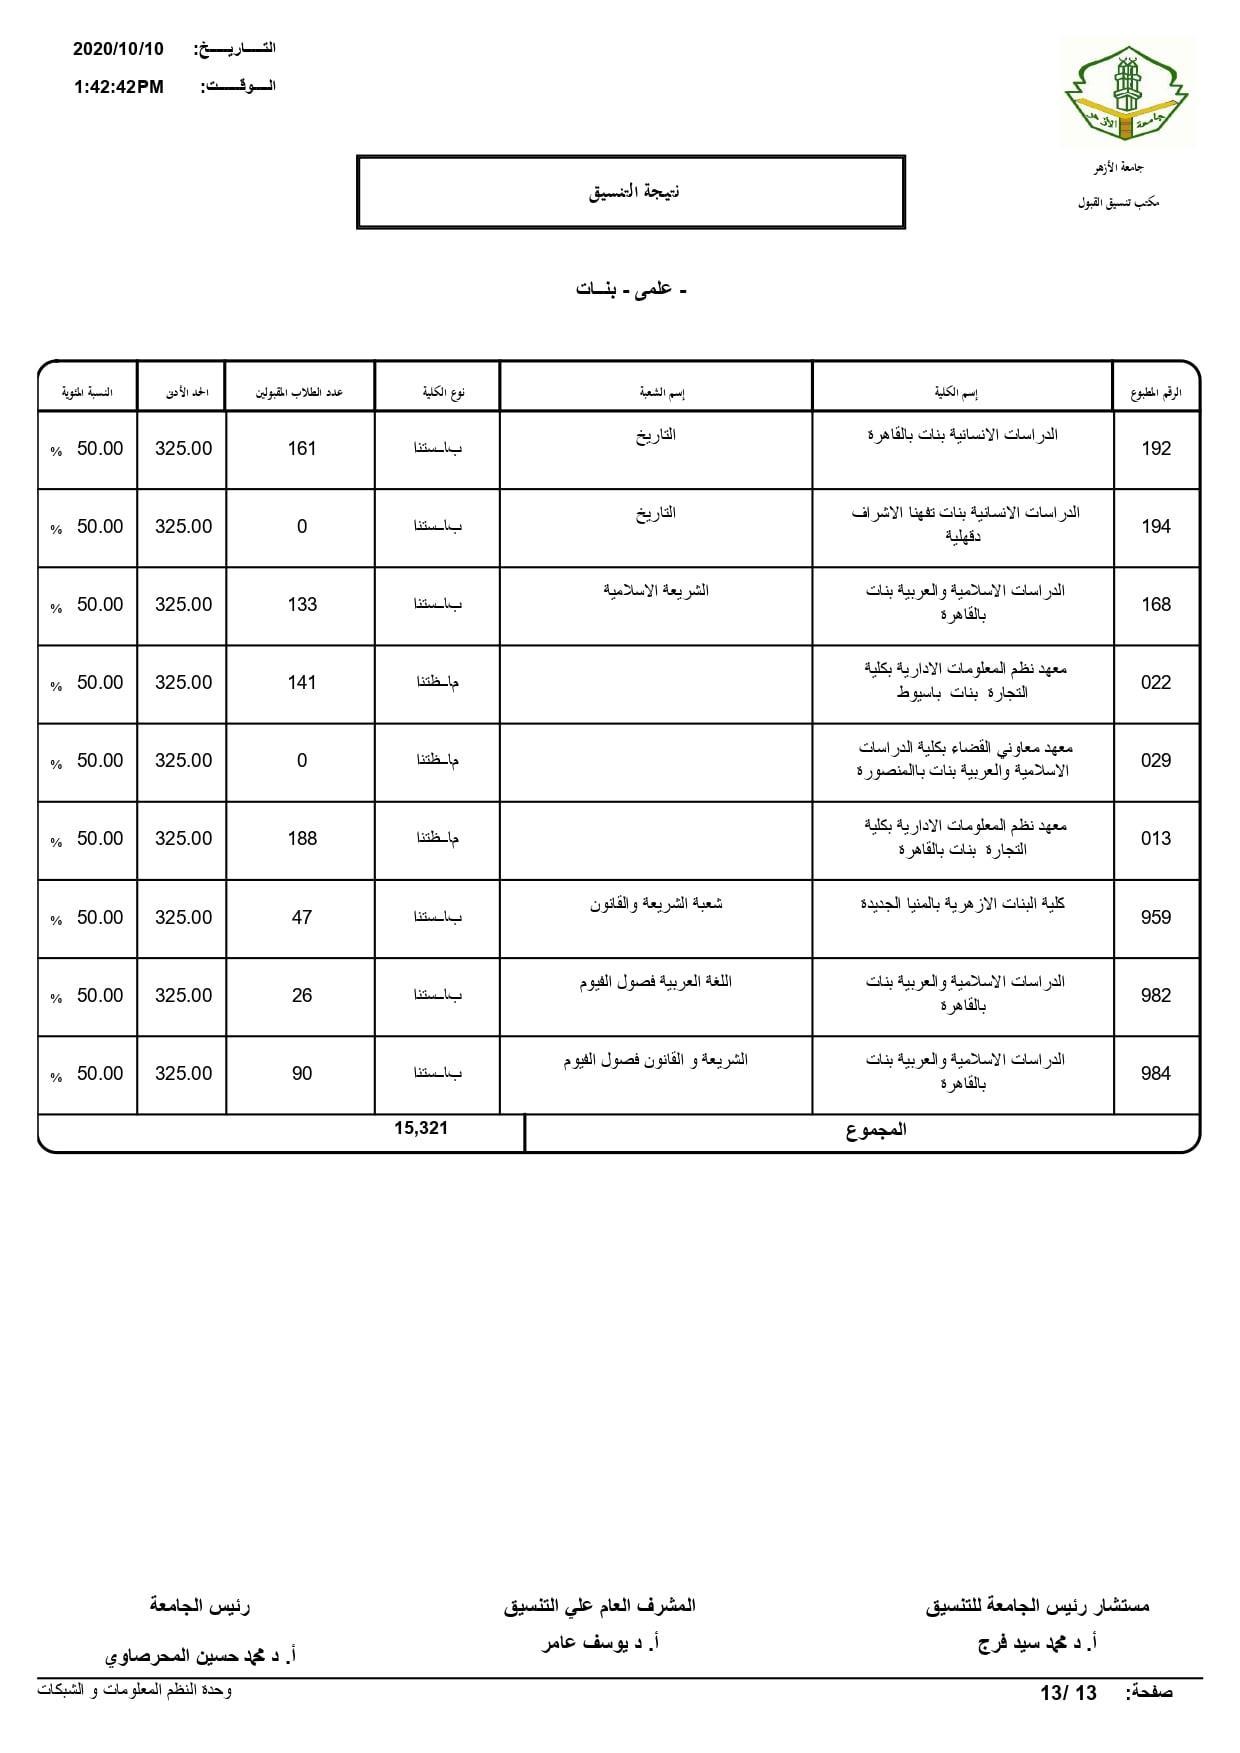 نتيجة تنسيق كليات جامعة الأزهر لعام 2020 بالكامل 20201010203539100